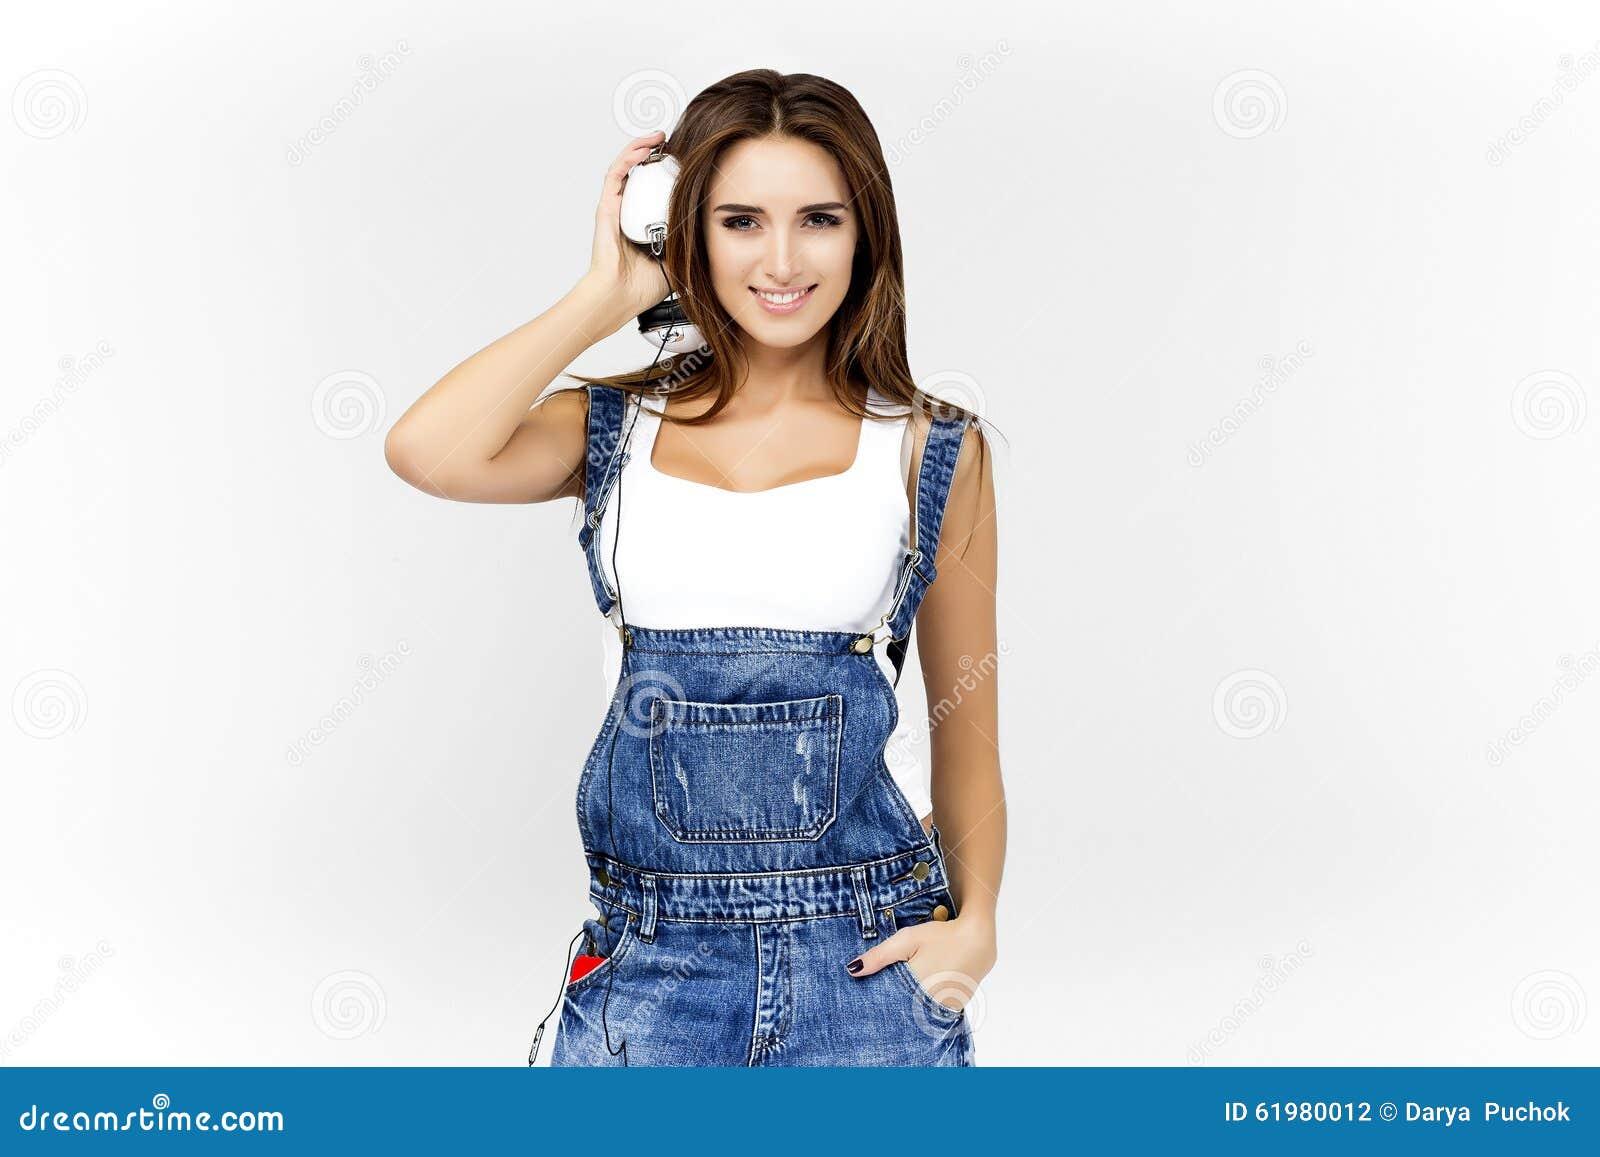 c90dce6478 Donna DJ Con Le Cuffie In Jeans E Camicia Bianca Fotografia Stock ...